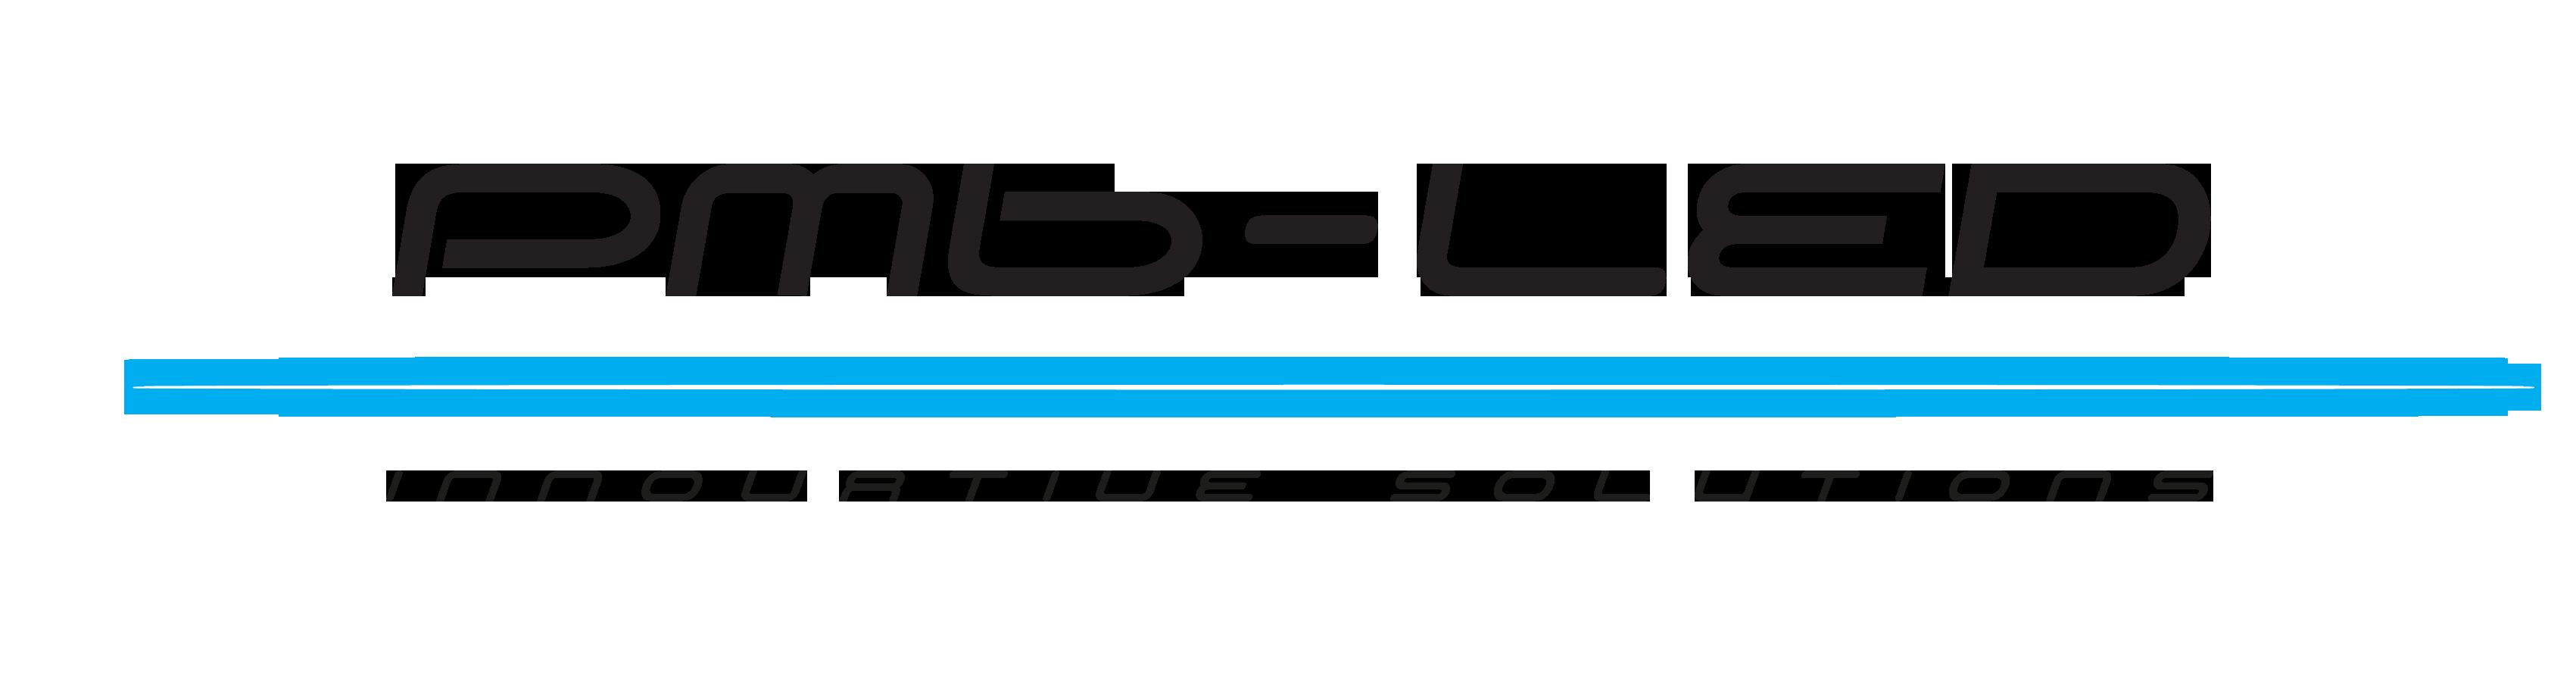 PMB logo_[do zastosowań na jasnym lub białym tle]